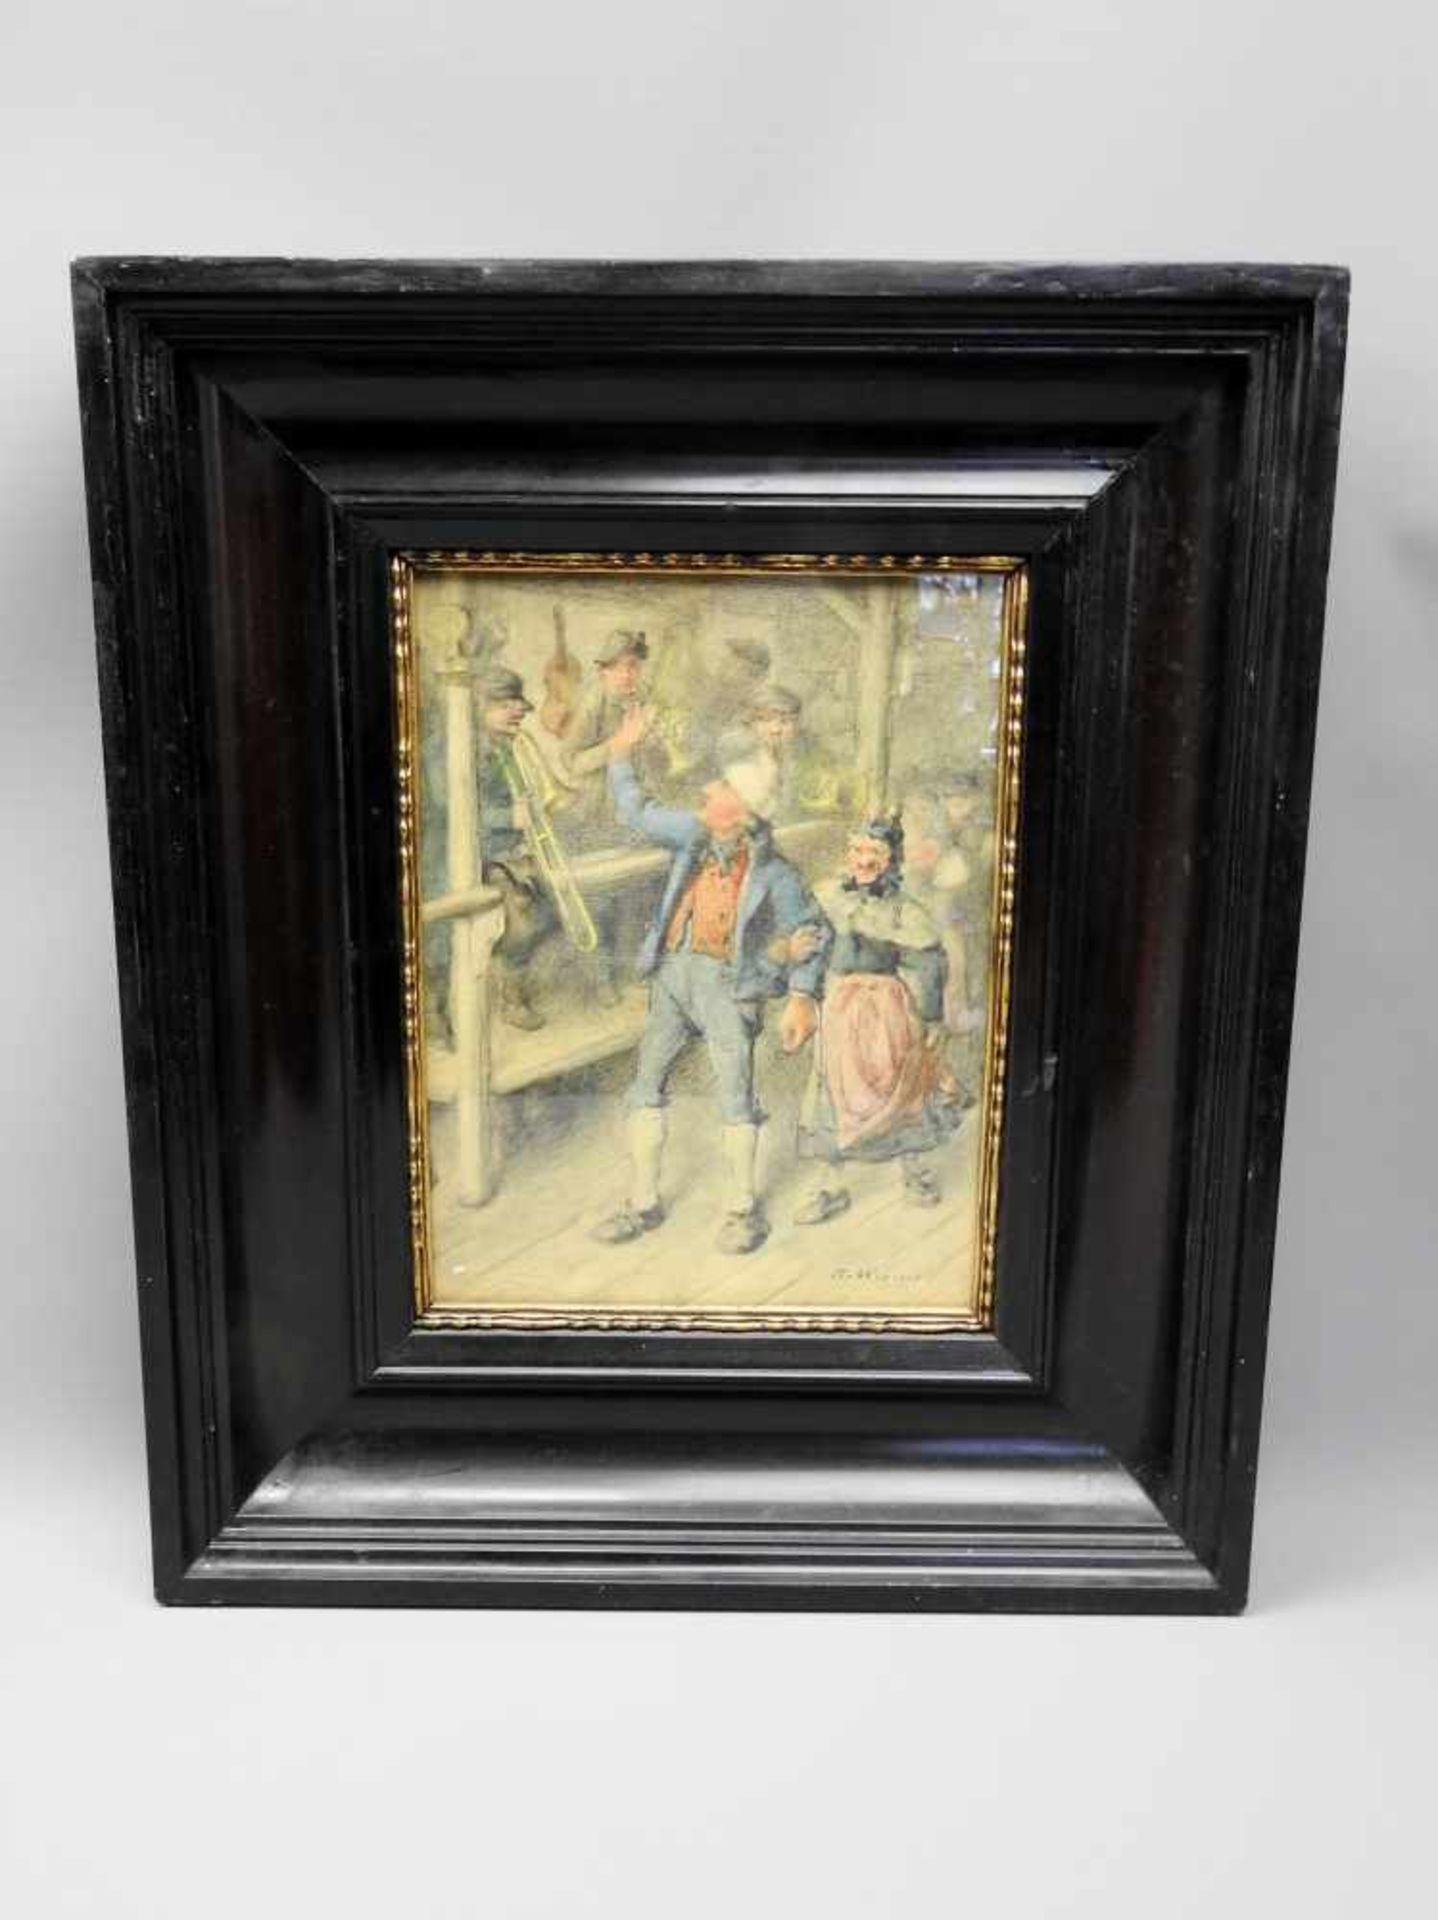 Tanzendes Bauernpaar vor MusikkapelleAquarell/Papier. Altes tanzendes Bauernpaar vor einer - Bild 2 aus 2